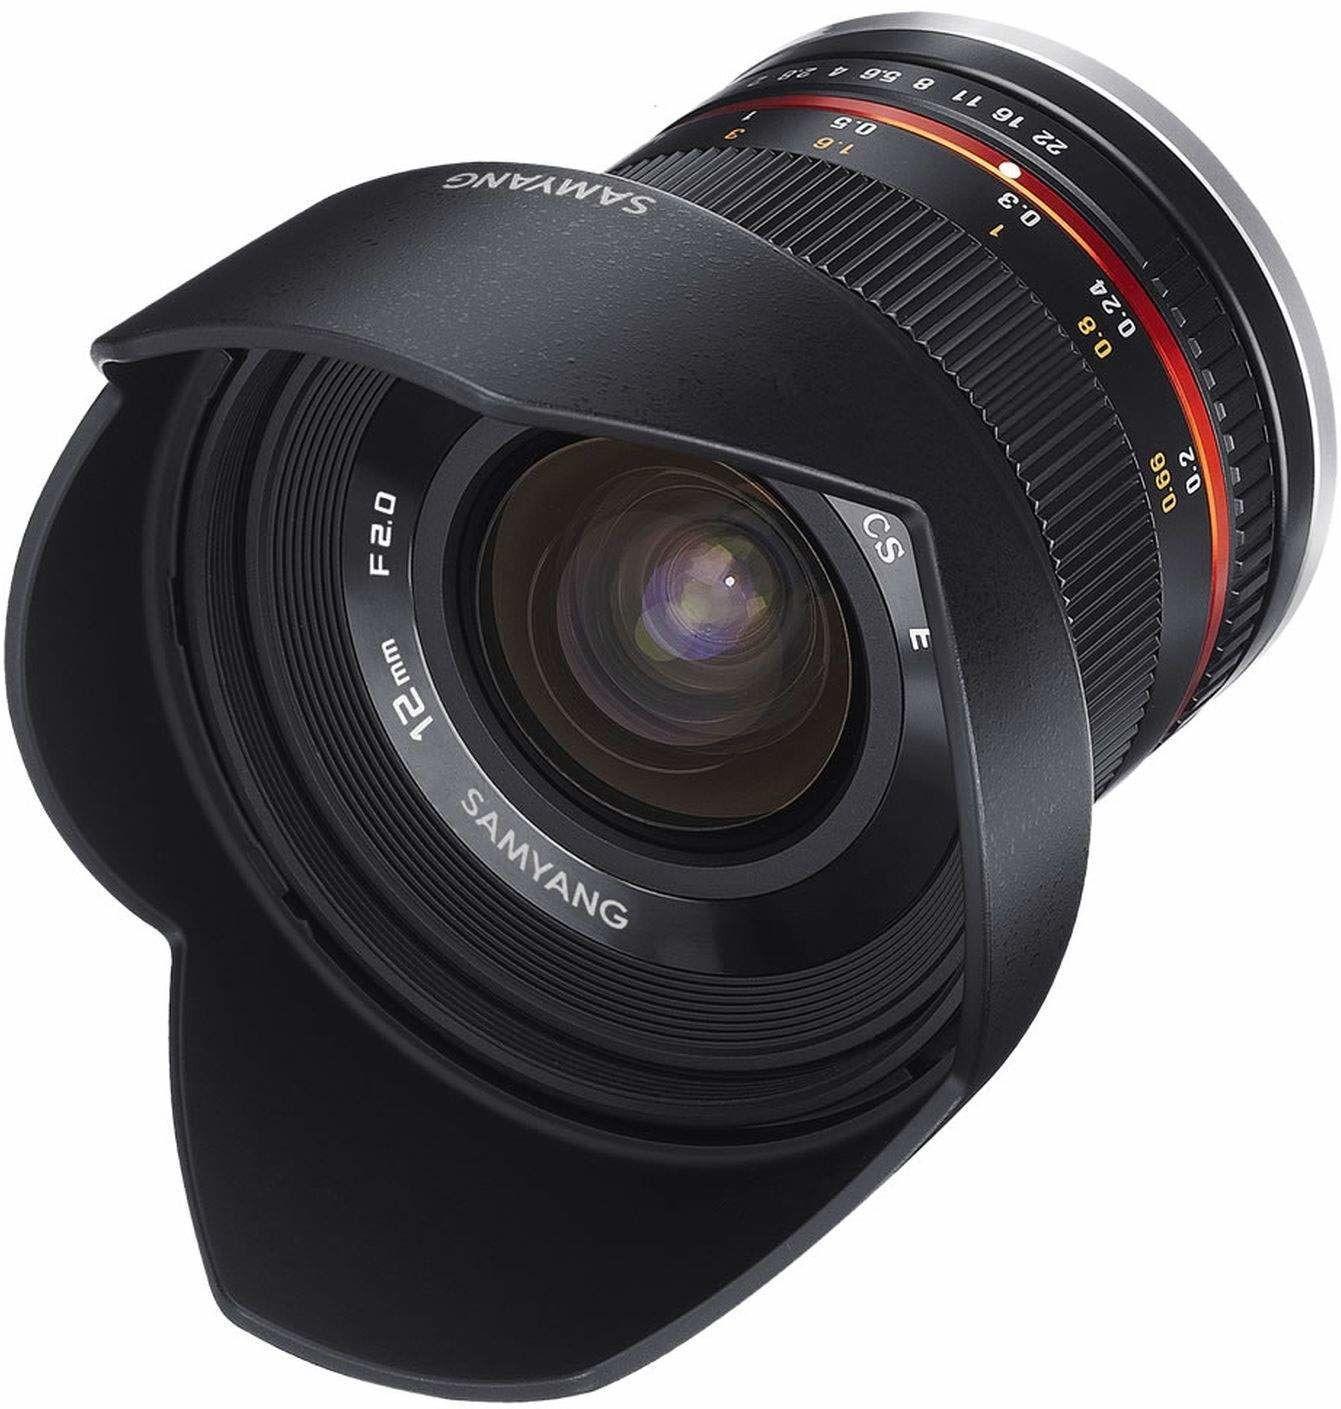 Samyang 12 mm F2.0 MFT czarny - szeroki kąt ogniskowy do przyłącza Micro Four Thirds Port, ręczna ostrość, do kamery APS-C Olympus OM-D E-M1 III, Pen E PL10, OM-D E-M5 III, Panasonic Lumix DC-G91